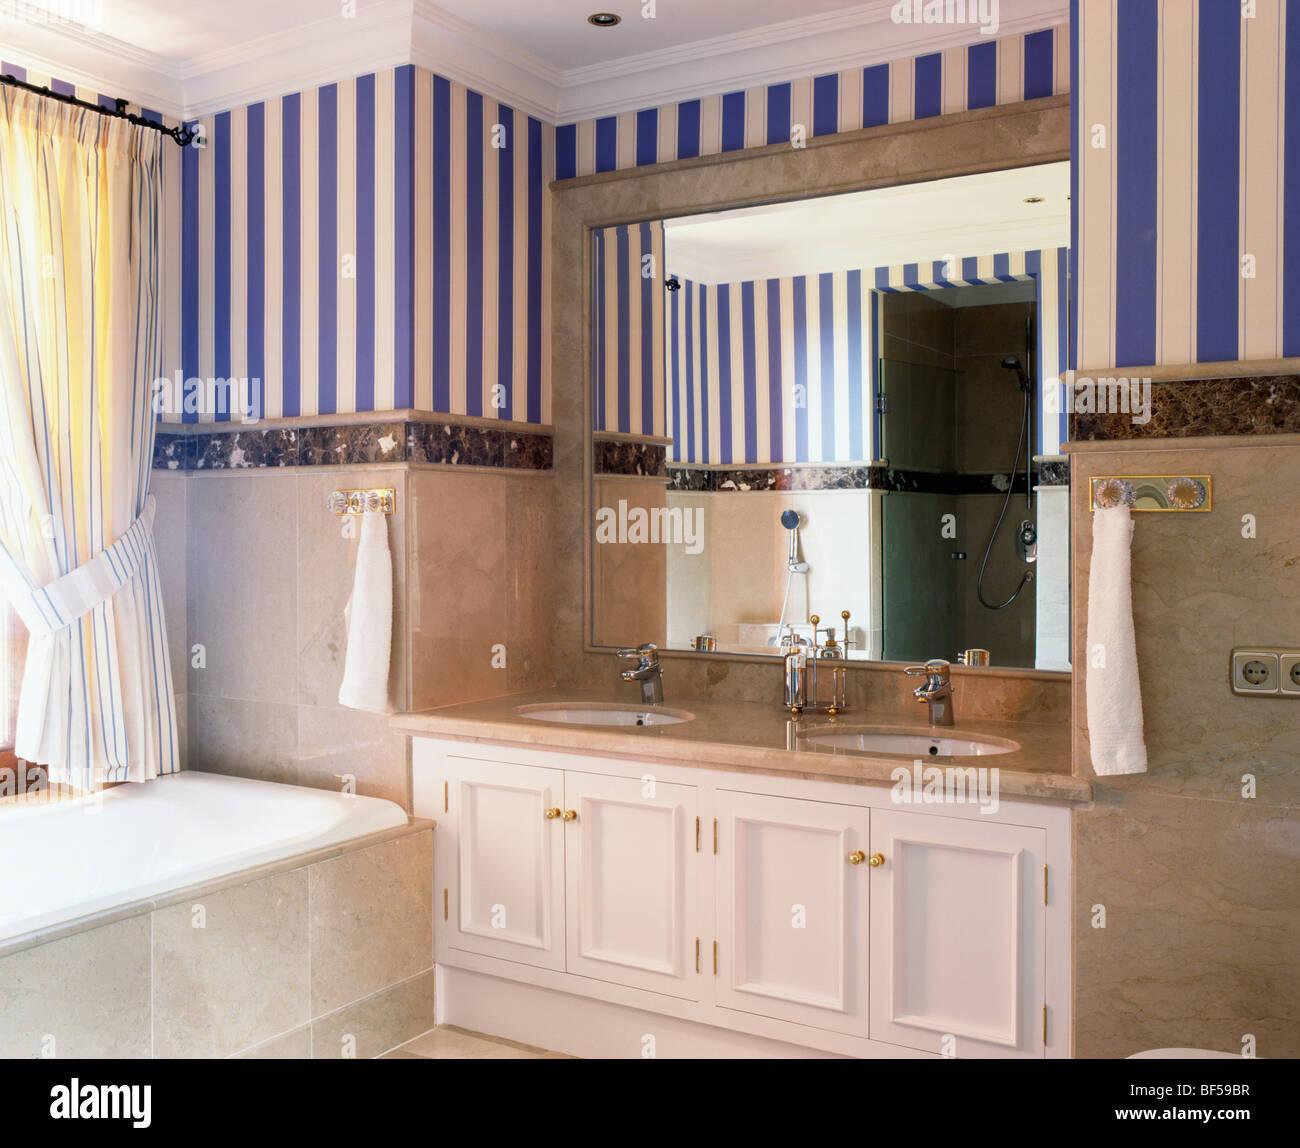 blau gestreifte tapete im modernen spanischen badezimmer mit spiegel ber doppelwaschbecken in. Black Bedroom Furniture Sets. Home Design Ideas